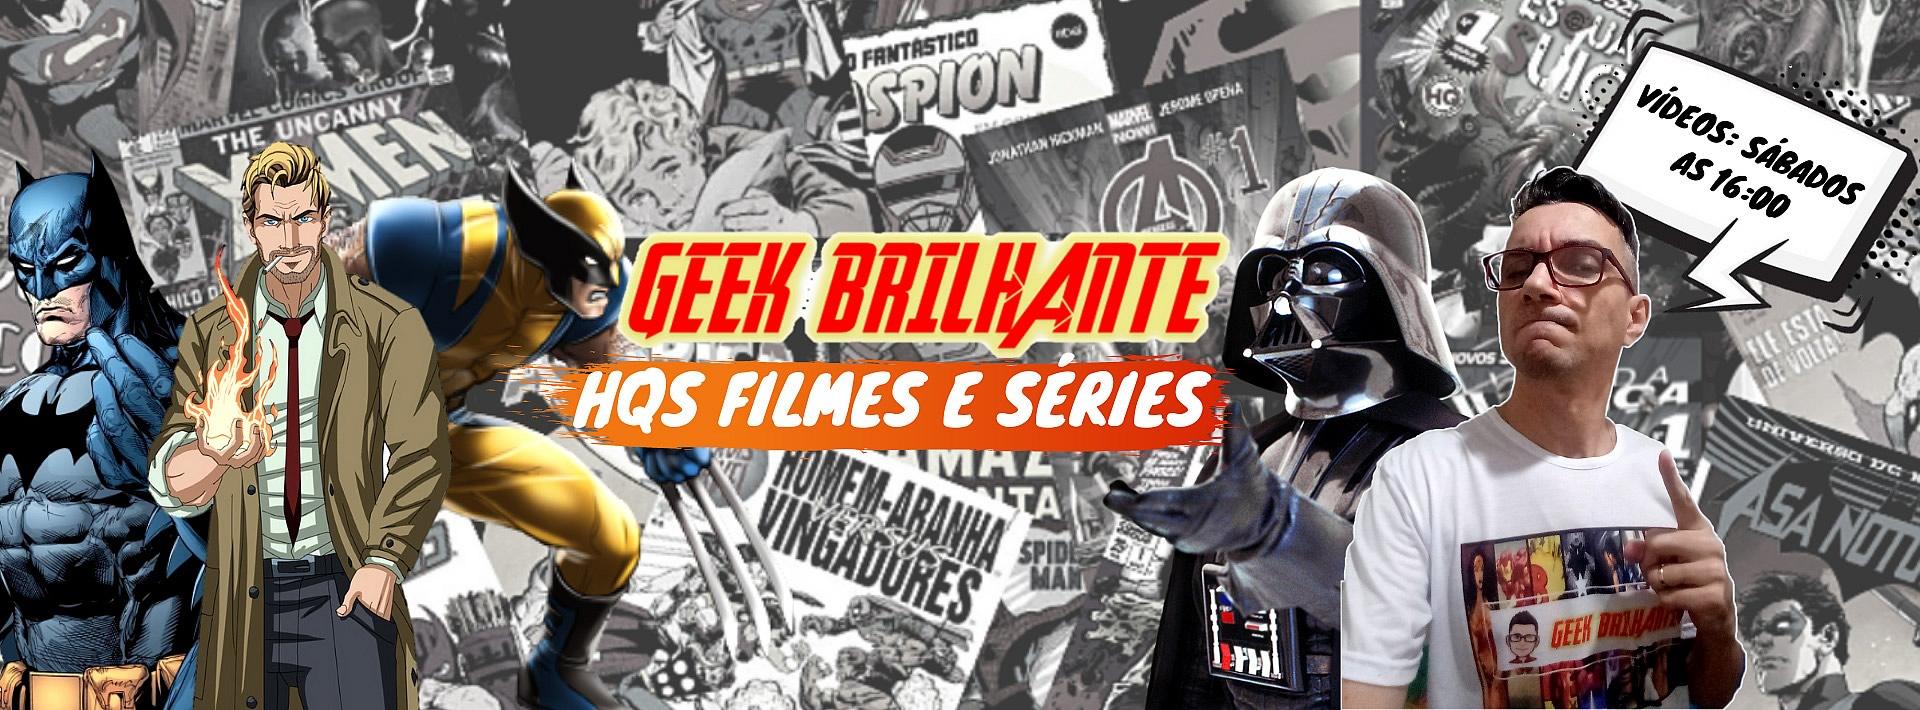 geek brilhante canal com conteudo geek pop nerd hero - Geek Brilhante canal com conteúdo Geek, Pop e Nerd